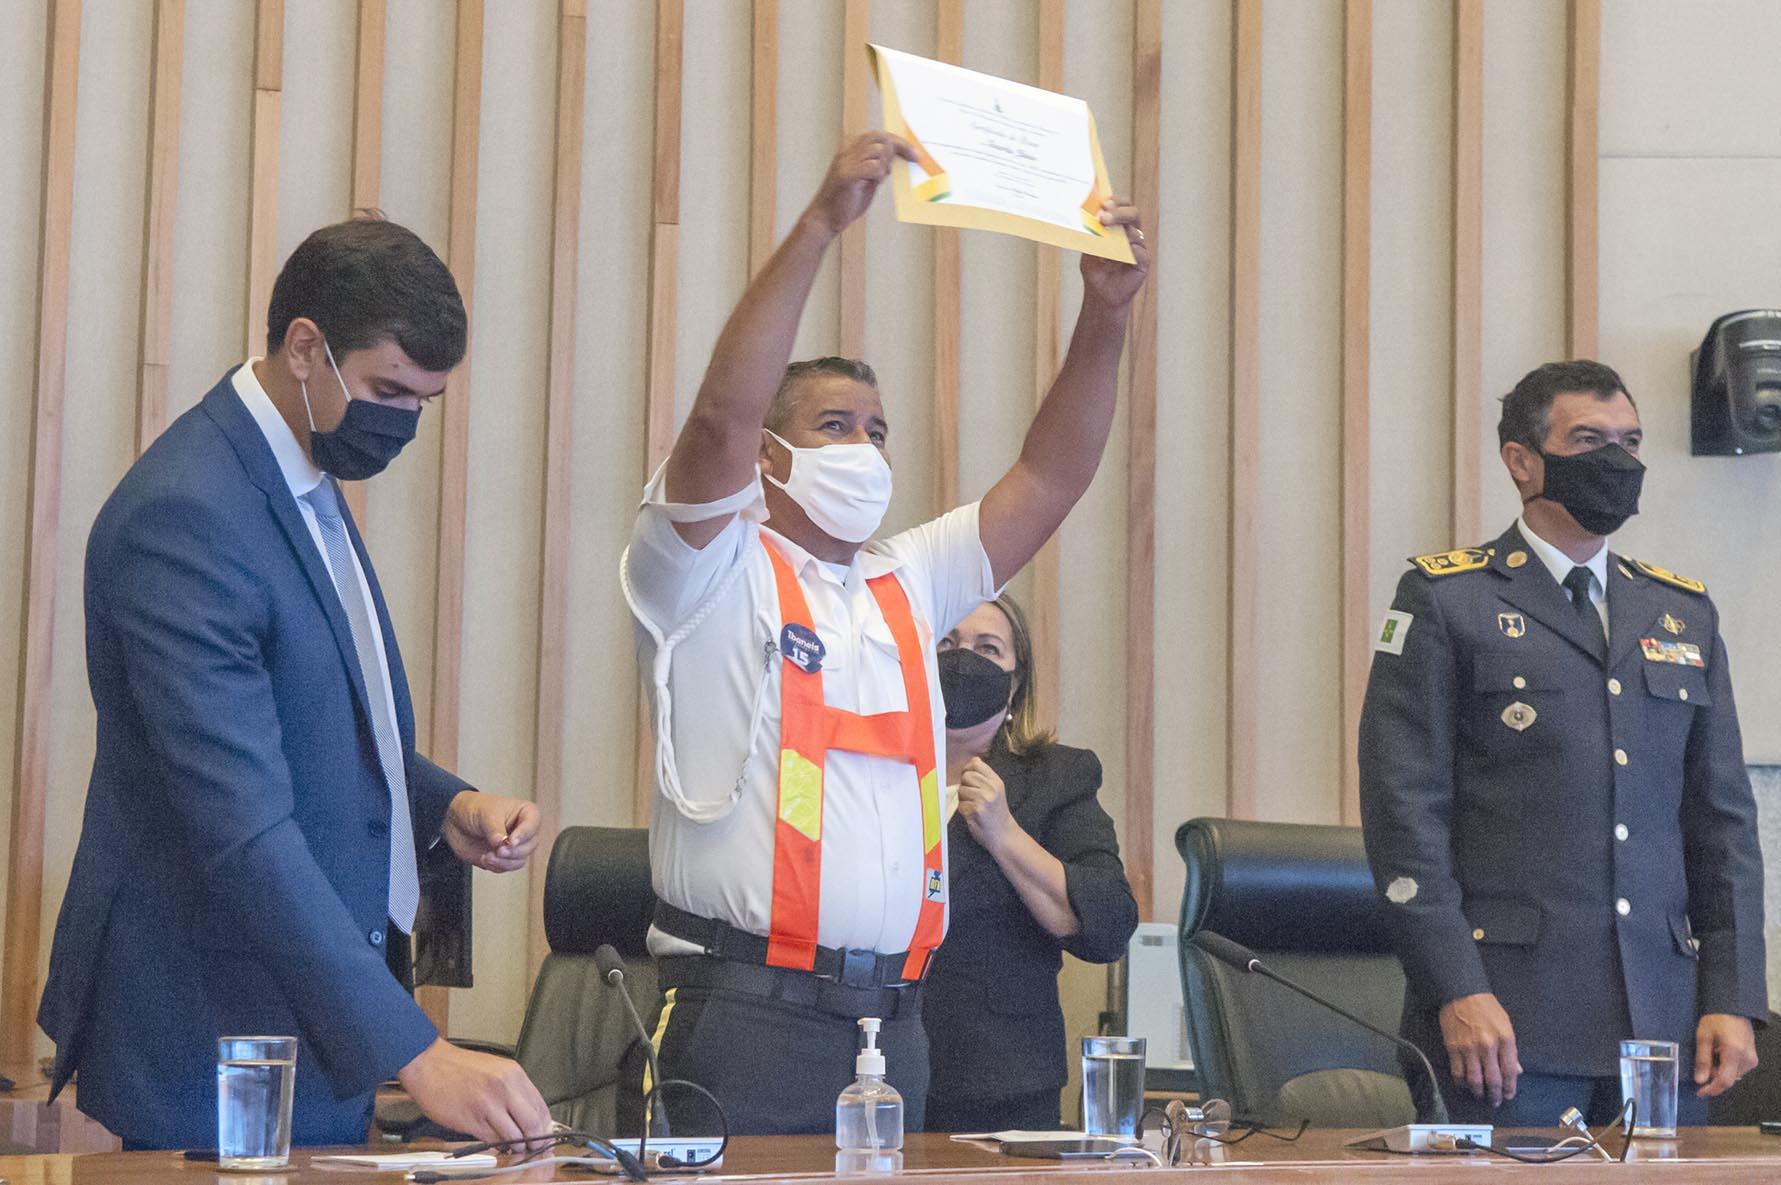 Com 10.524 votos, Guarda Jânio tornou-se o segundo suplente do eleito Delegado Fernando Fernandes (ex-Pros, sem partido). Entre as prioridades elencadas por Guarda Jânio, está a questão da segurança